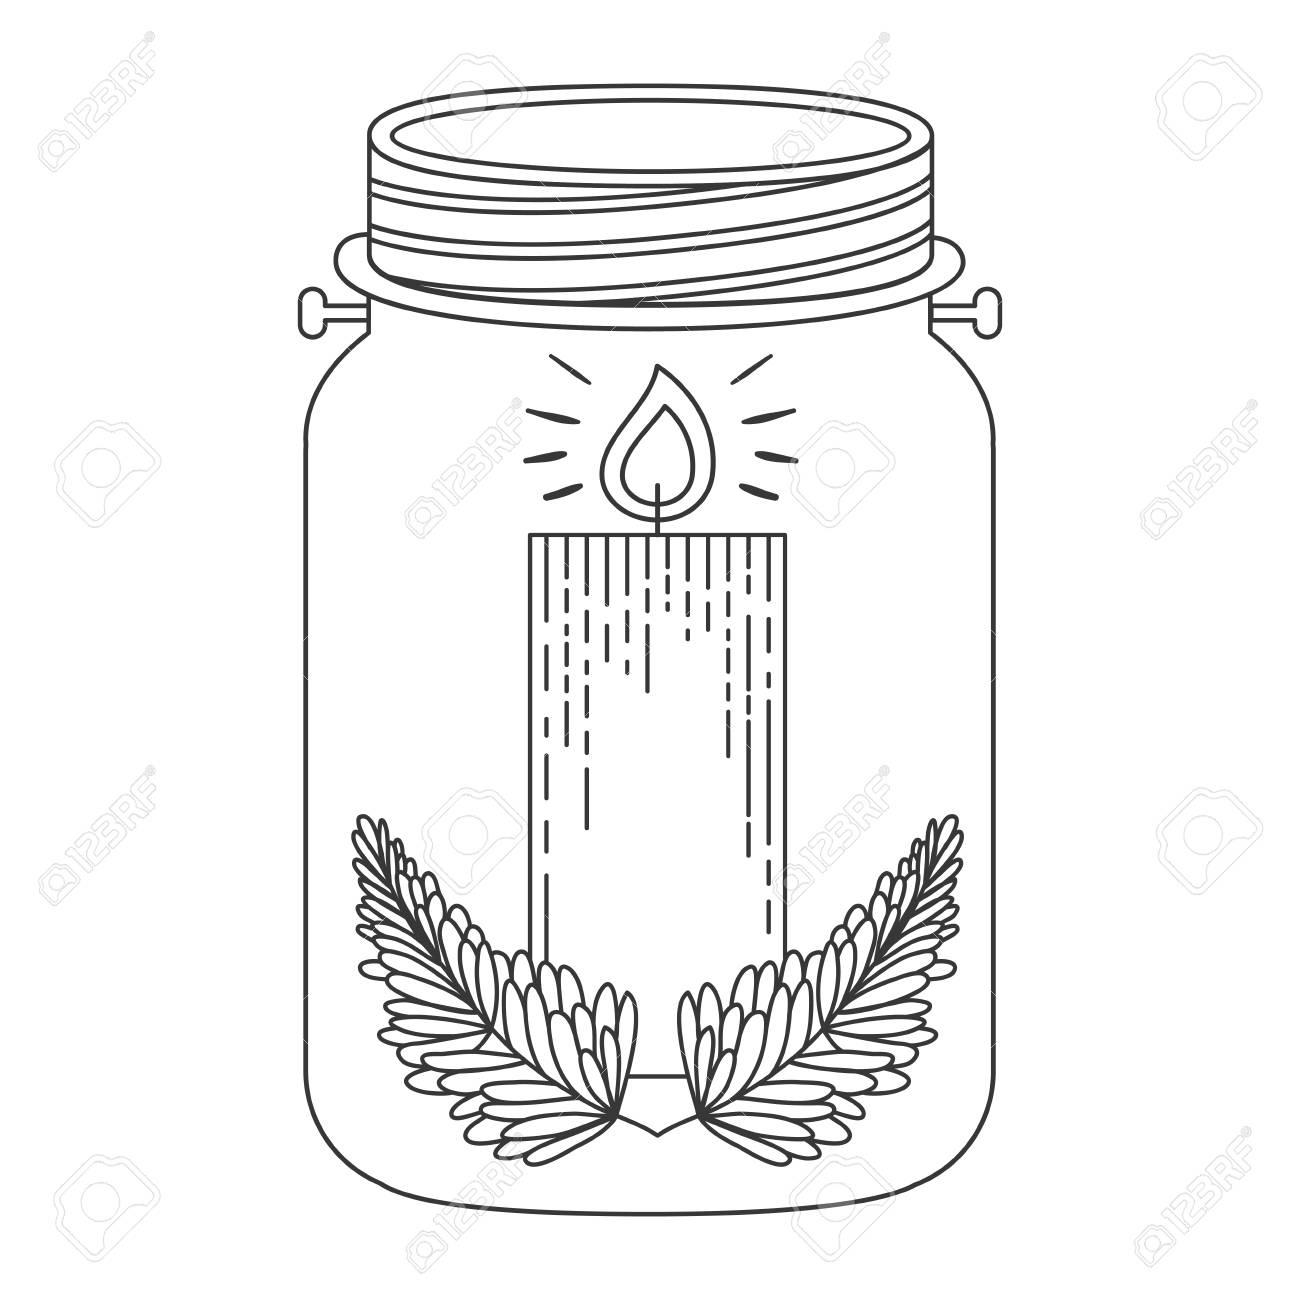 Pot Mason Avec Décoration De Bougie De Noël À L'intérieur. Esquisse Et  Dessin Du Dessin. Illustration Vectorielle intérieur Dessin Sur Bougie